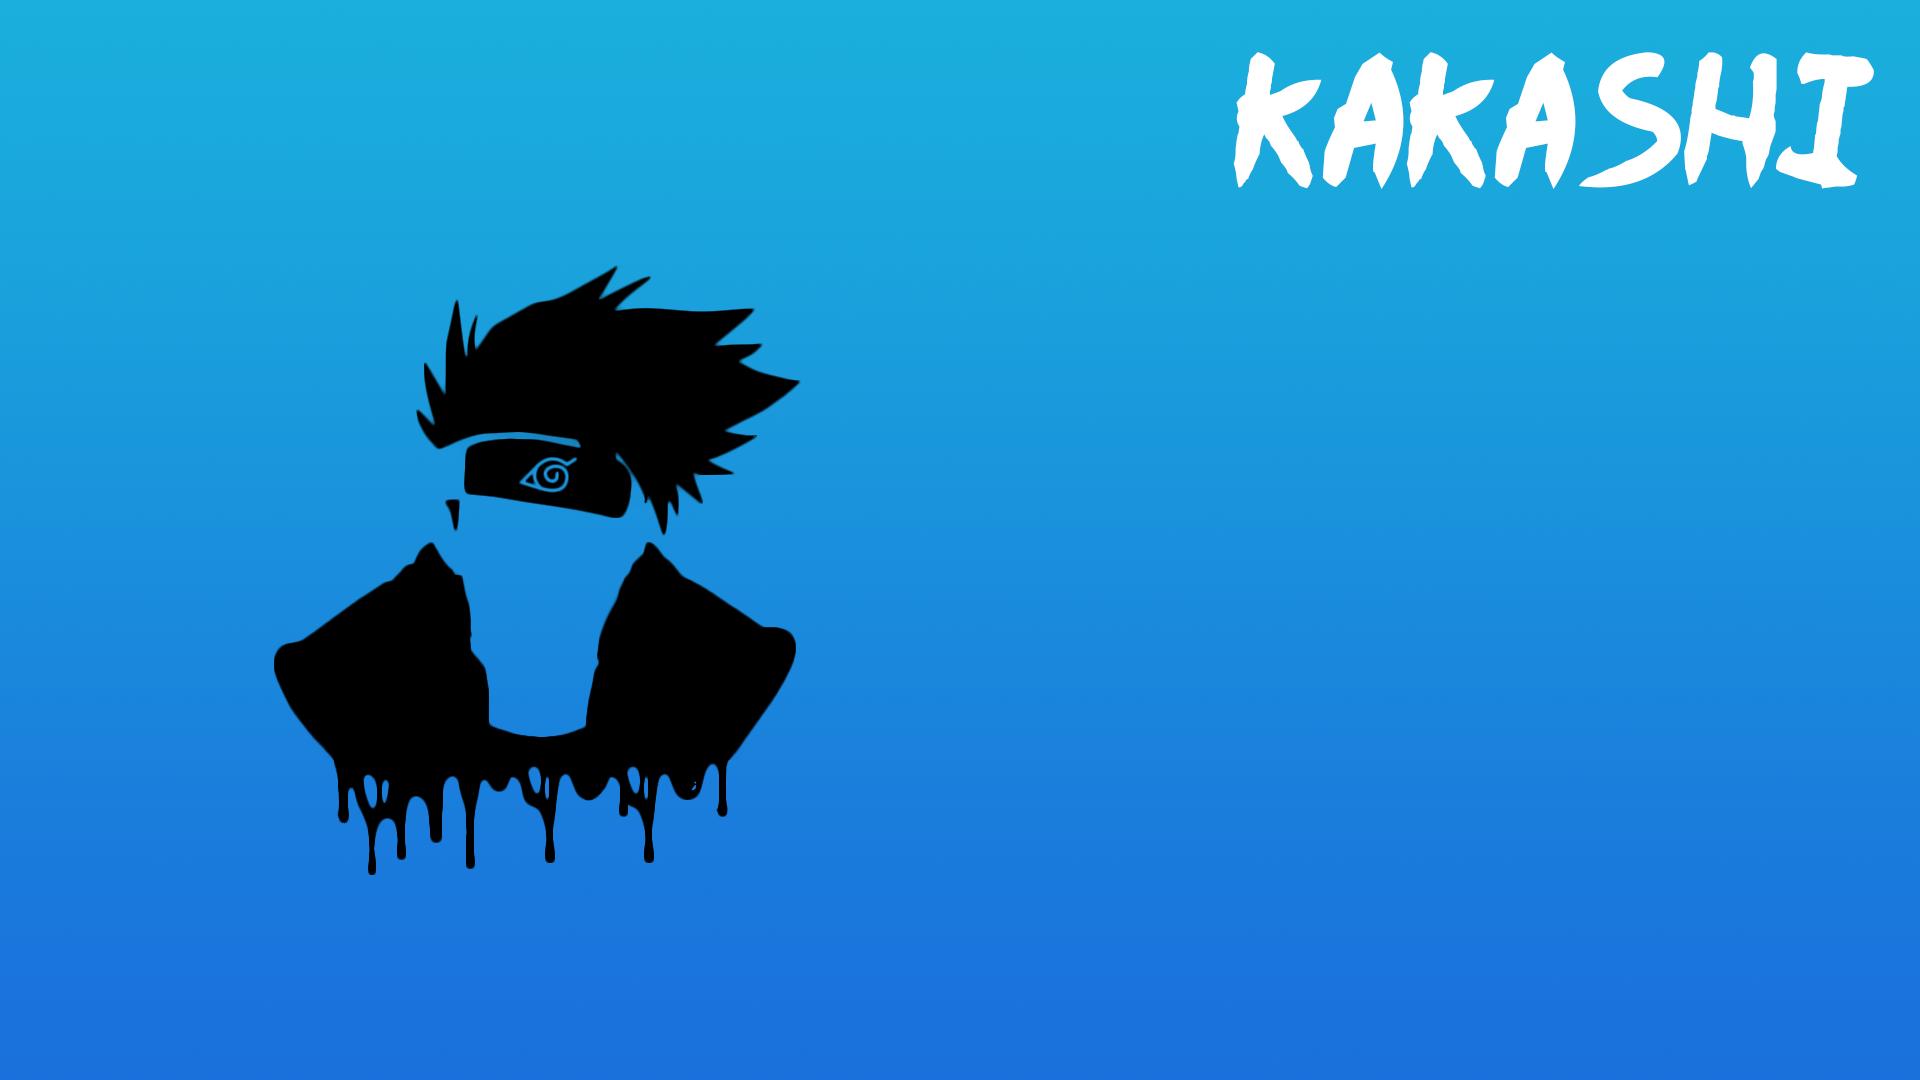 8 80411 free download kakashi wallpaper blue kakashi wallpaper wolf